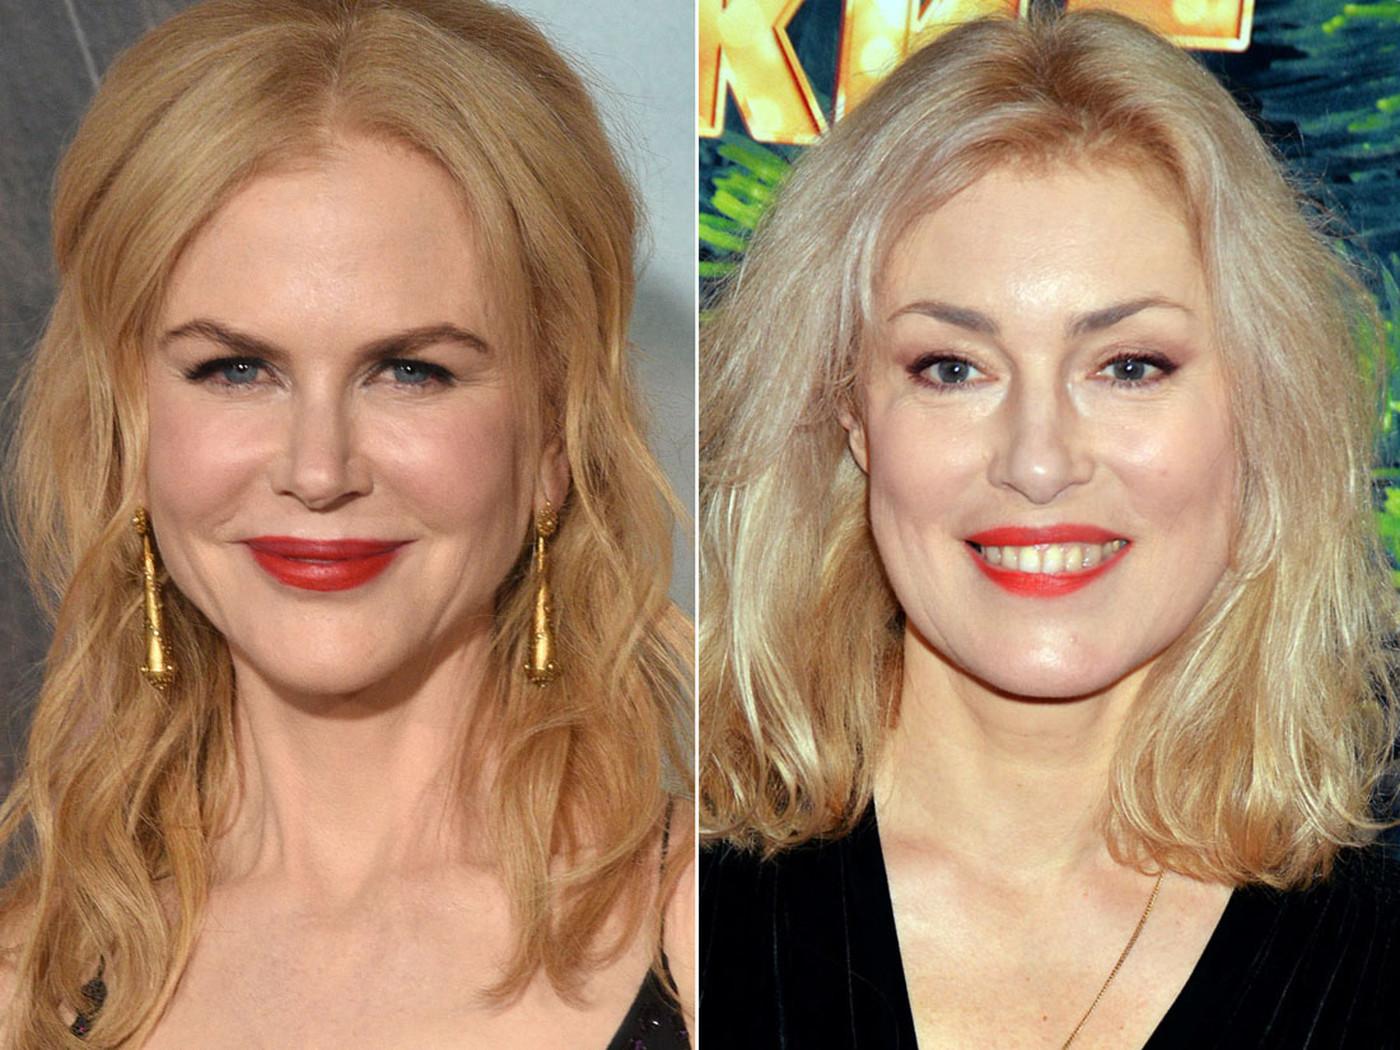 Николь Кидман и Мария Шукшина, 1967 года рождения (49 лет) Обе актрисы выглядят достойно. Однако есл